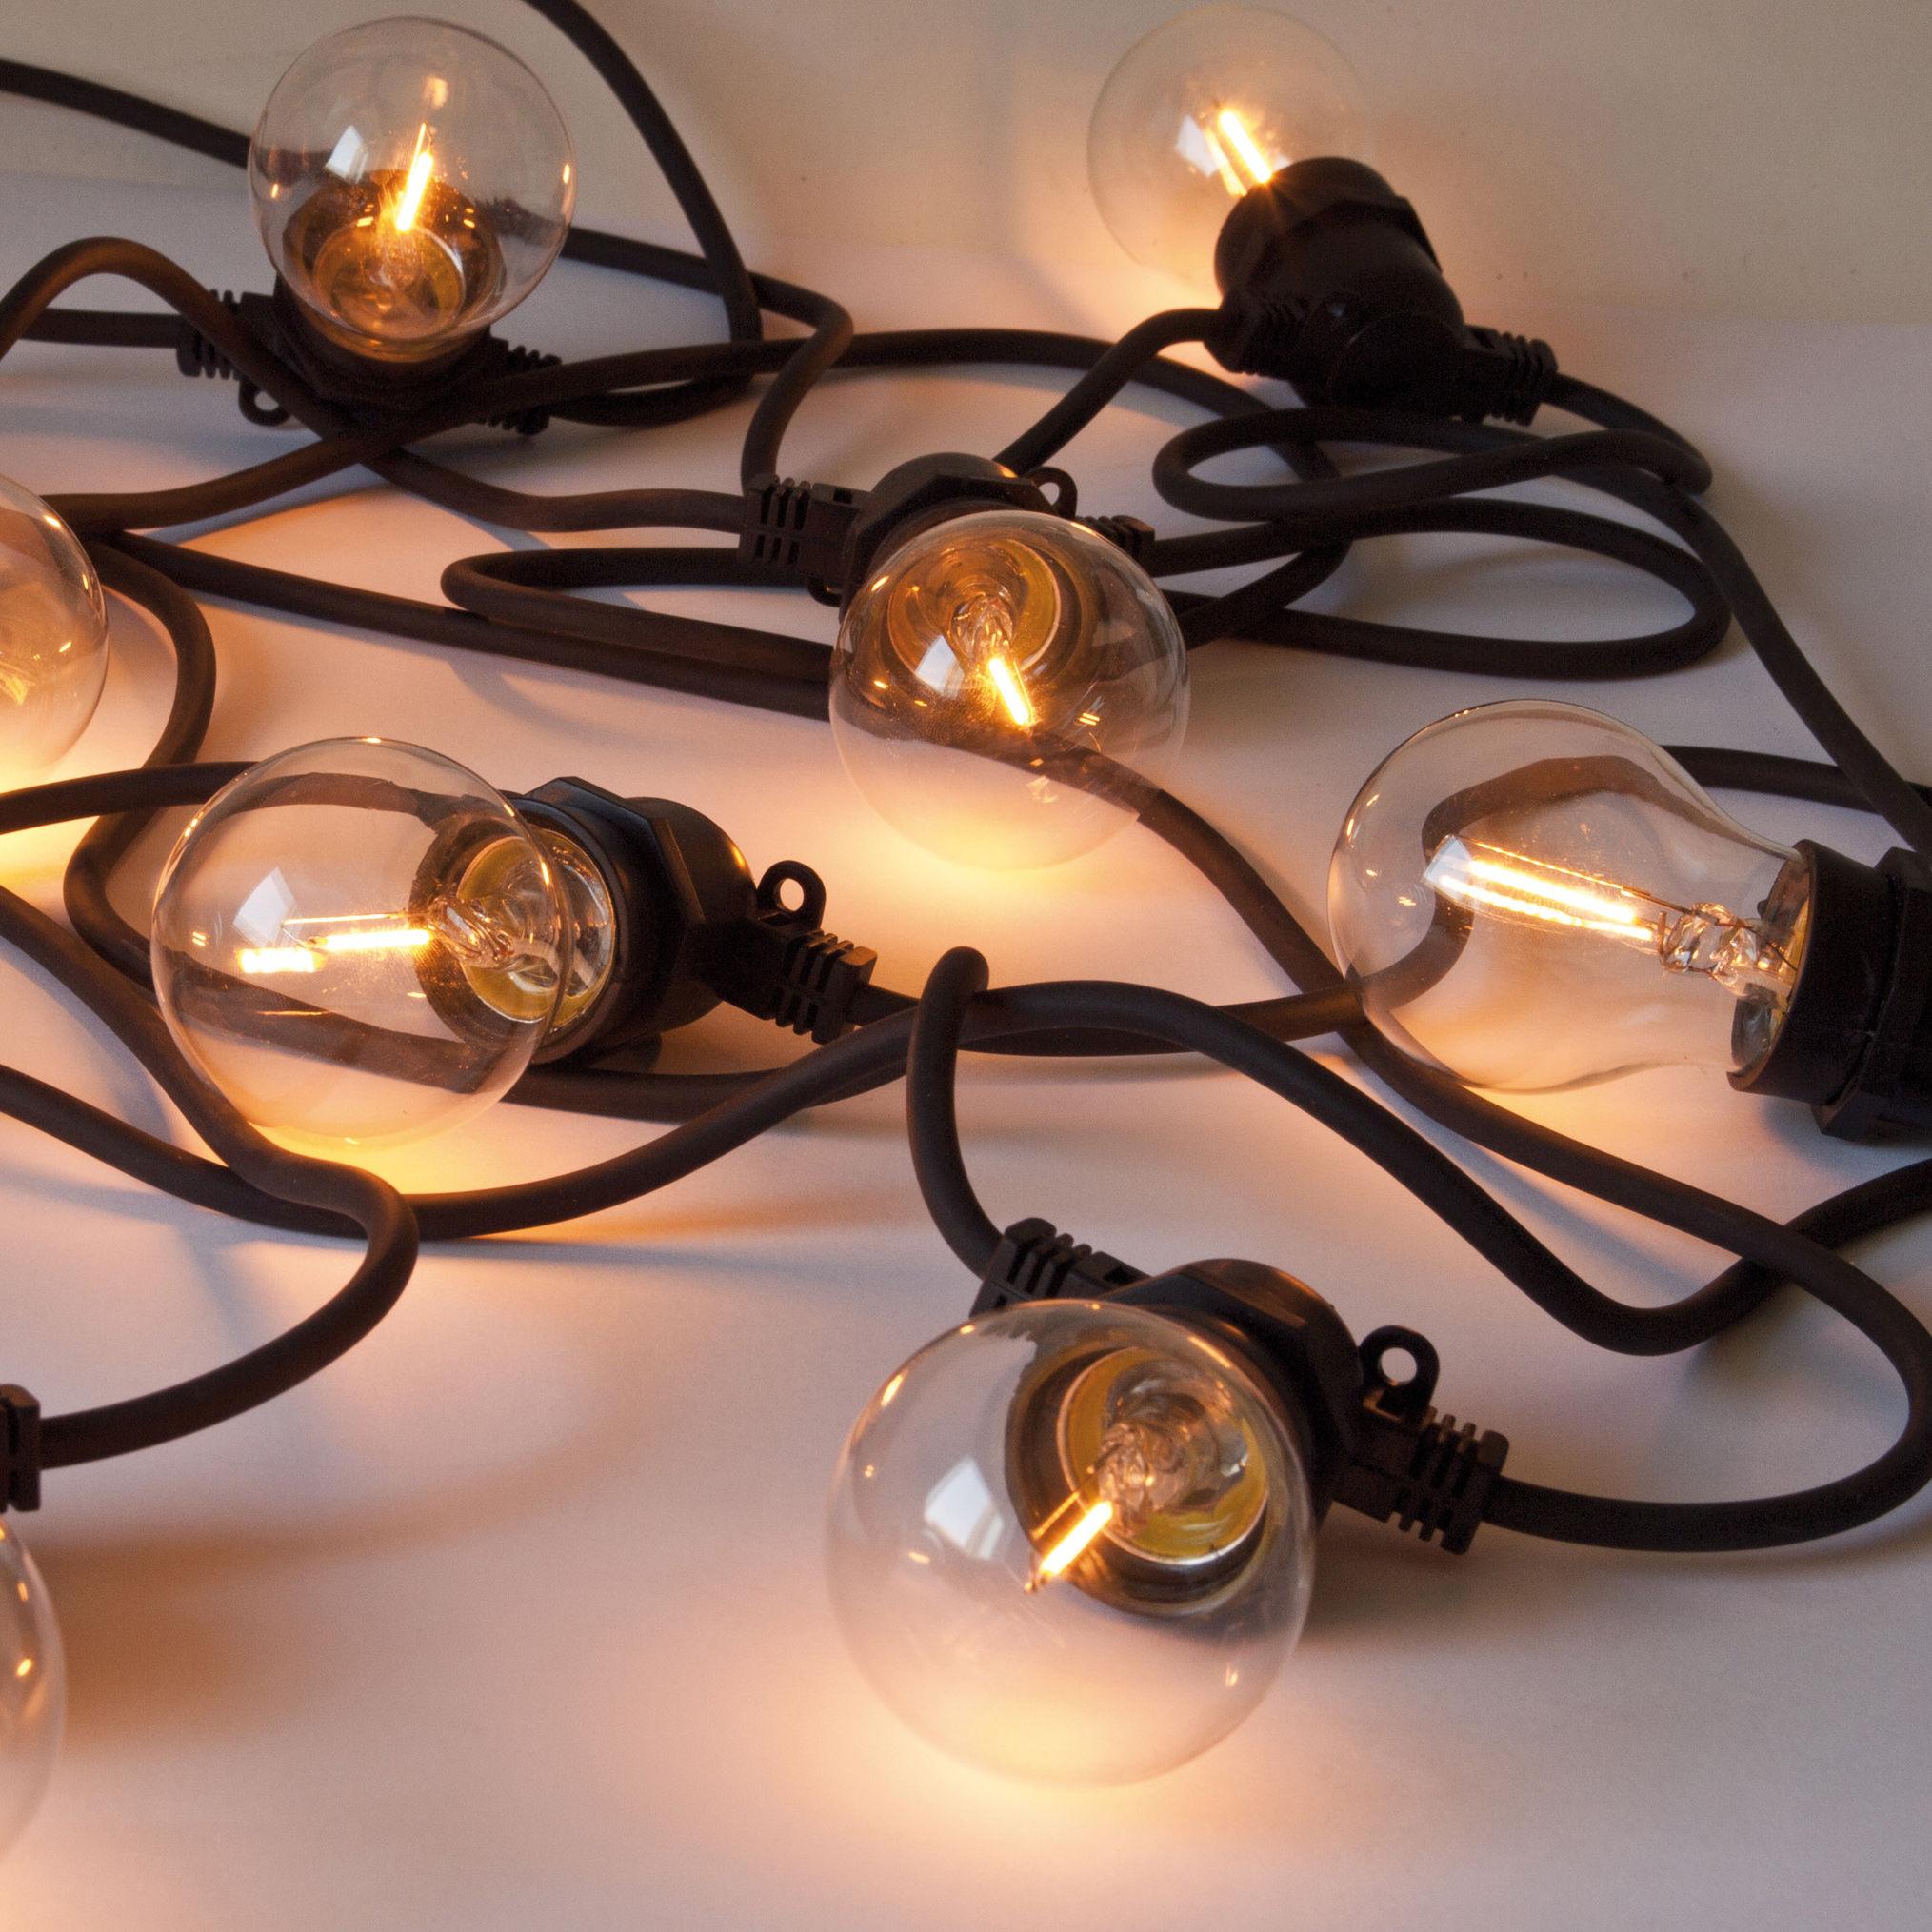 Luminaire - Luminaires d'extérieur - Guirlande lumineuse extérieur Bella Vista CLEAR LED / Ampoules transparentes à filaments / L 14 mètres - Seletti - Guirlande / Câble noir & ampoules transparentes - Silicone, Verre